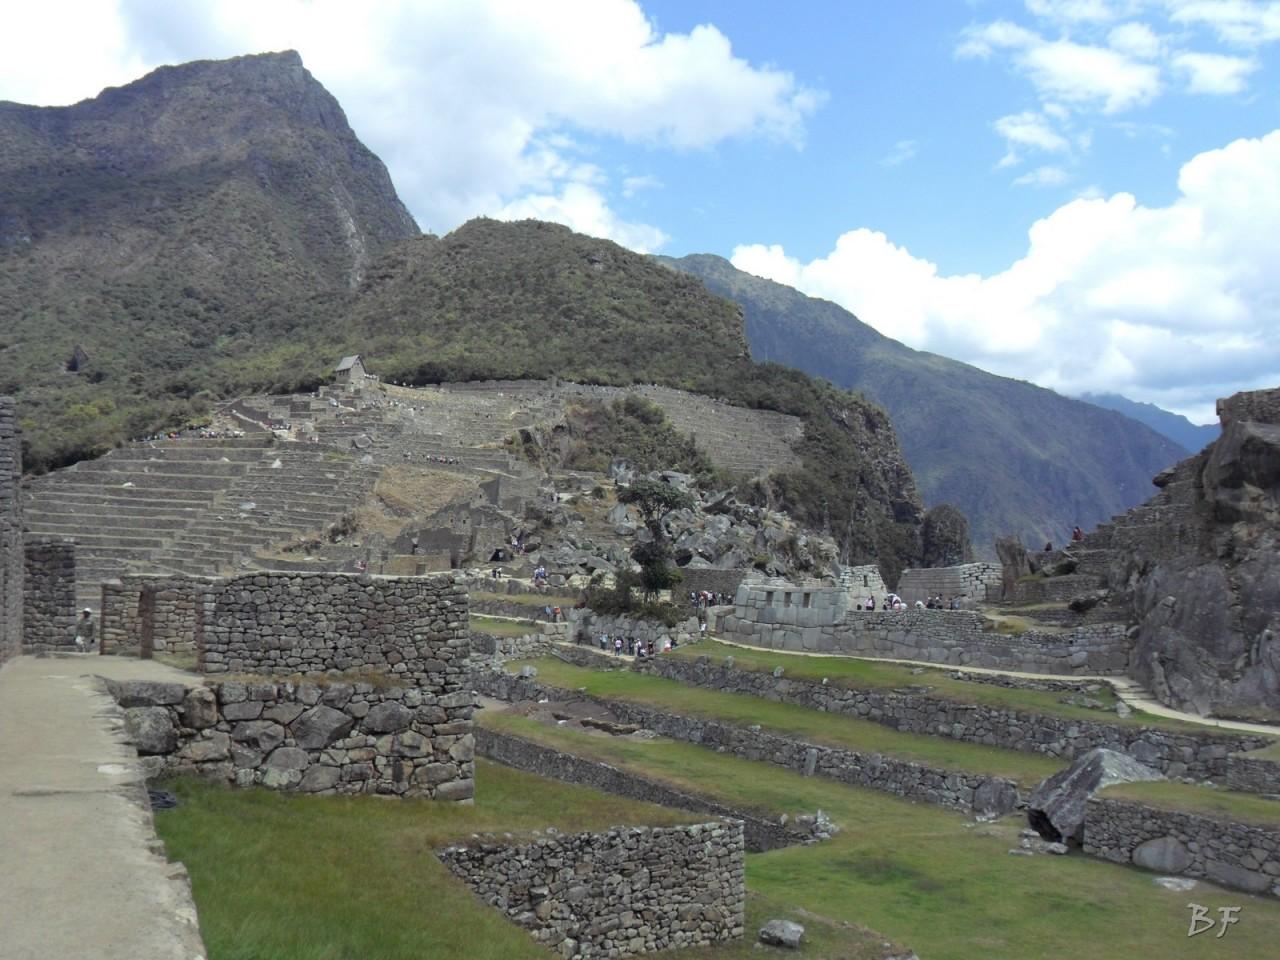 Mura-Poligonali-Incisioni-Altari-Edifici-Rupestri-Megaliti-Machu-Picchu-Aguas-Calientes-Urubamba-Cusco-Perù-139